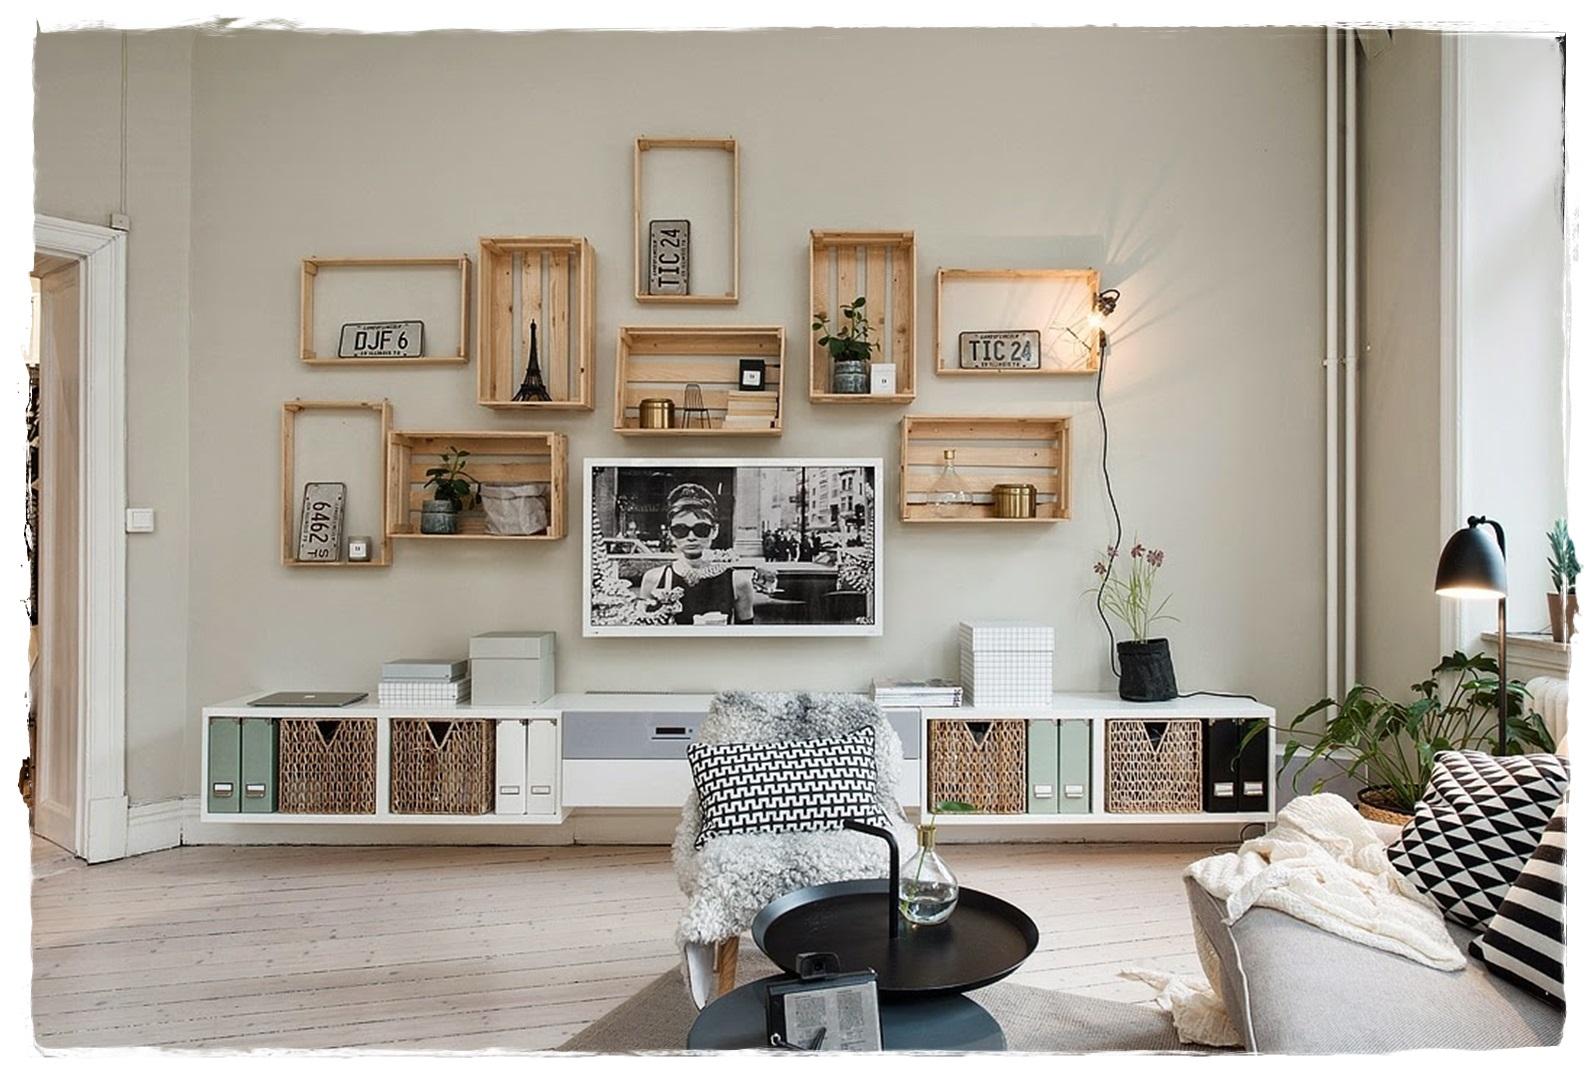 De la naturaleza a tu hogar casa y mantel - Casas de madera decoracion ...